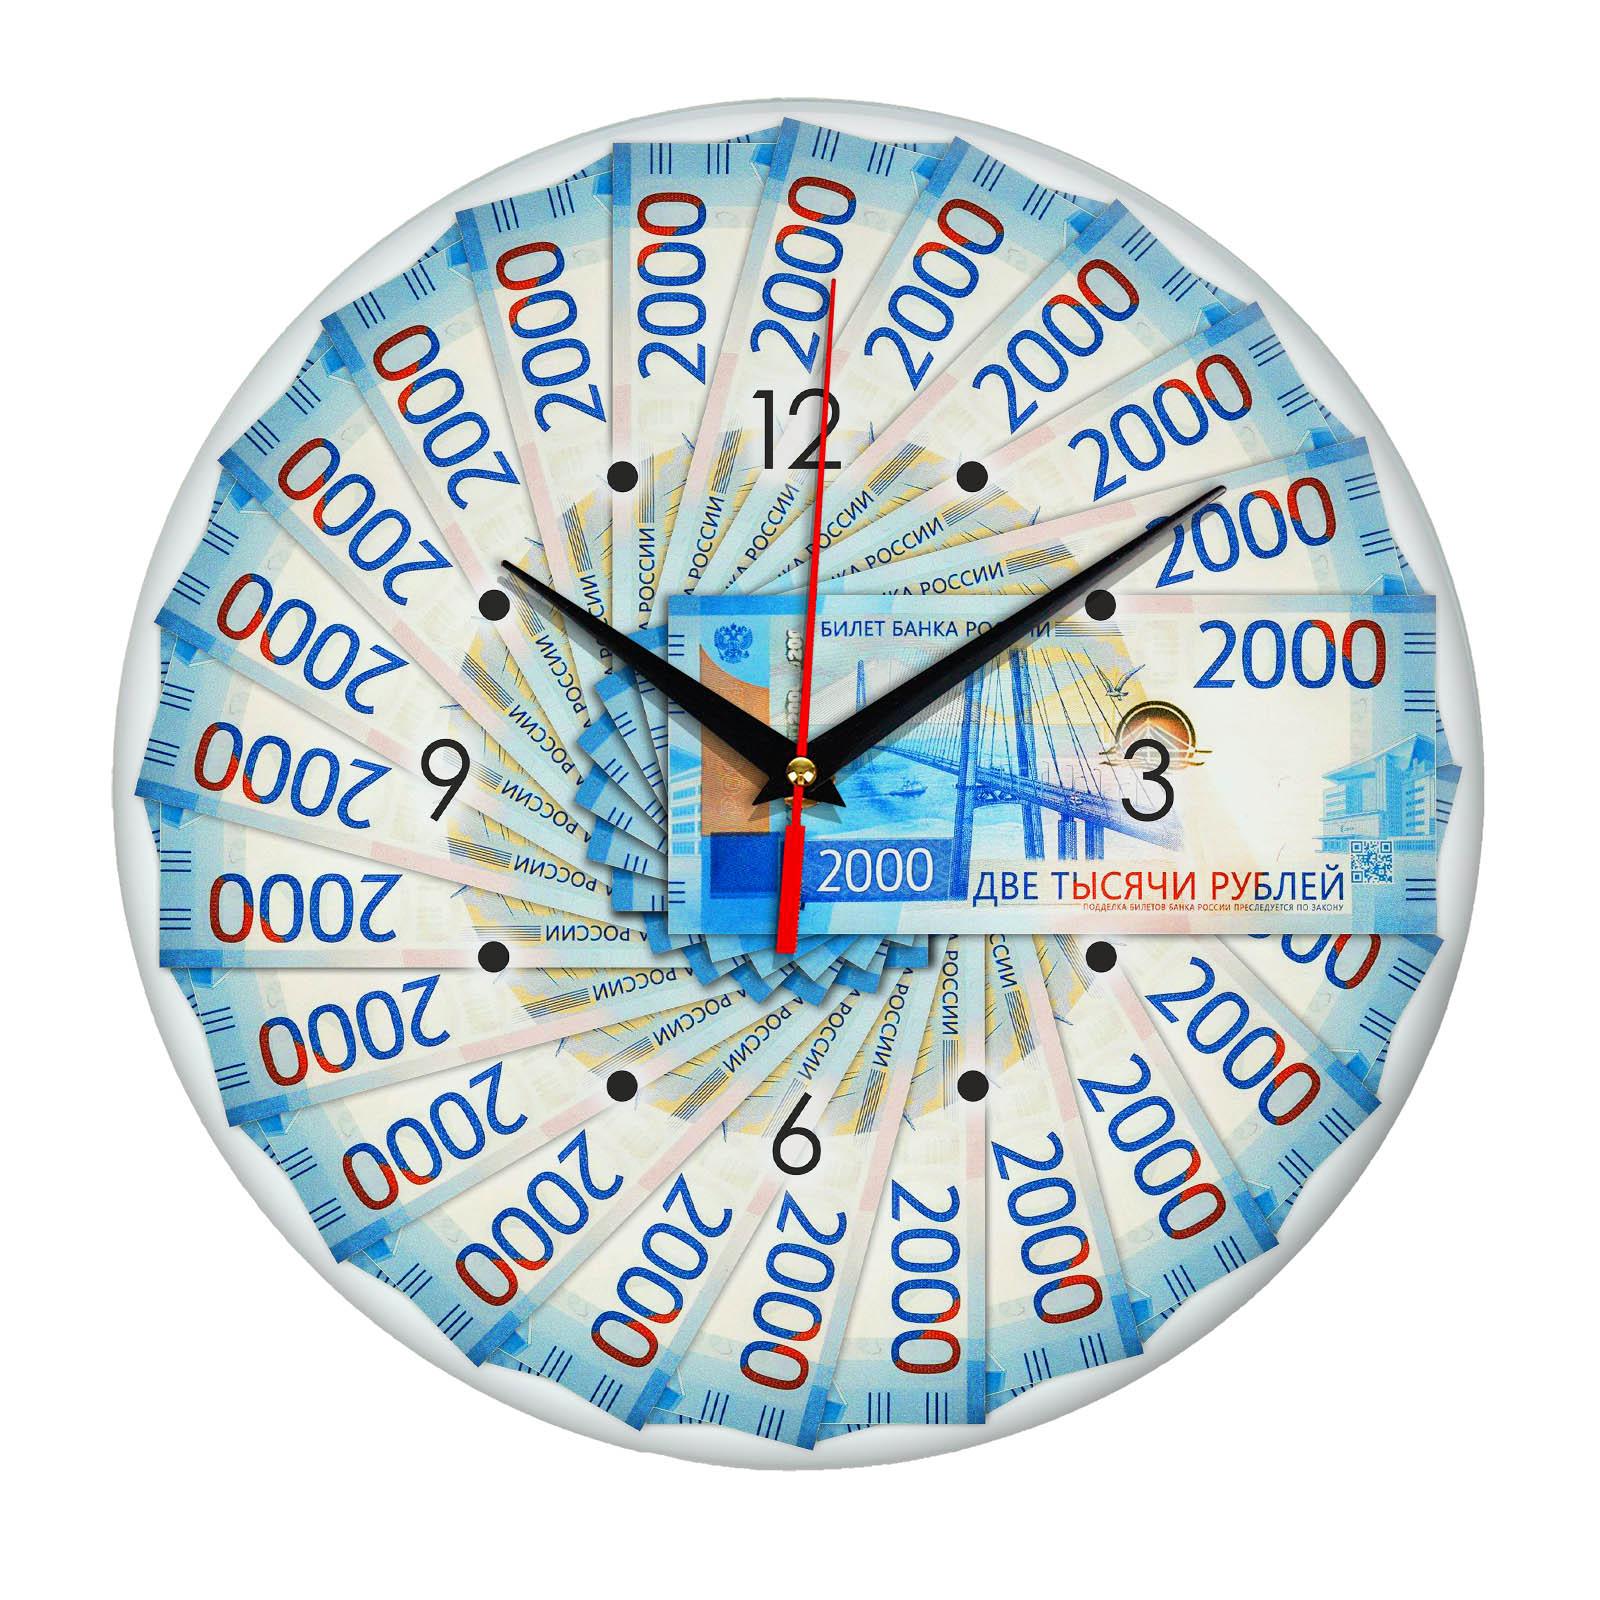 rub2000_0016_svetl-krug